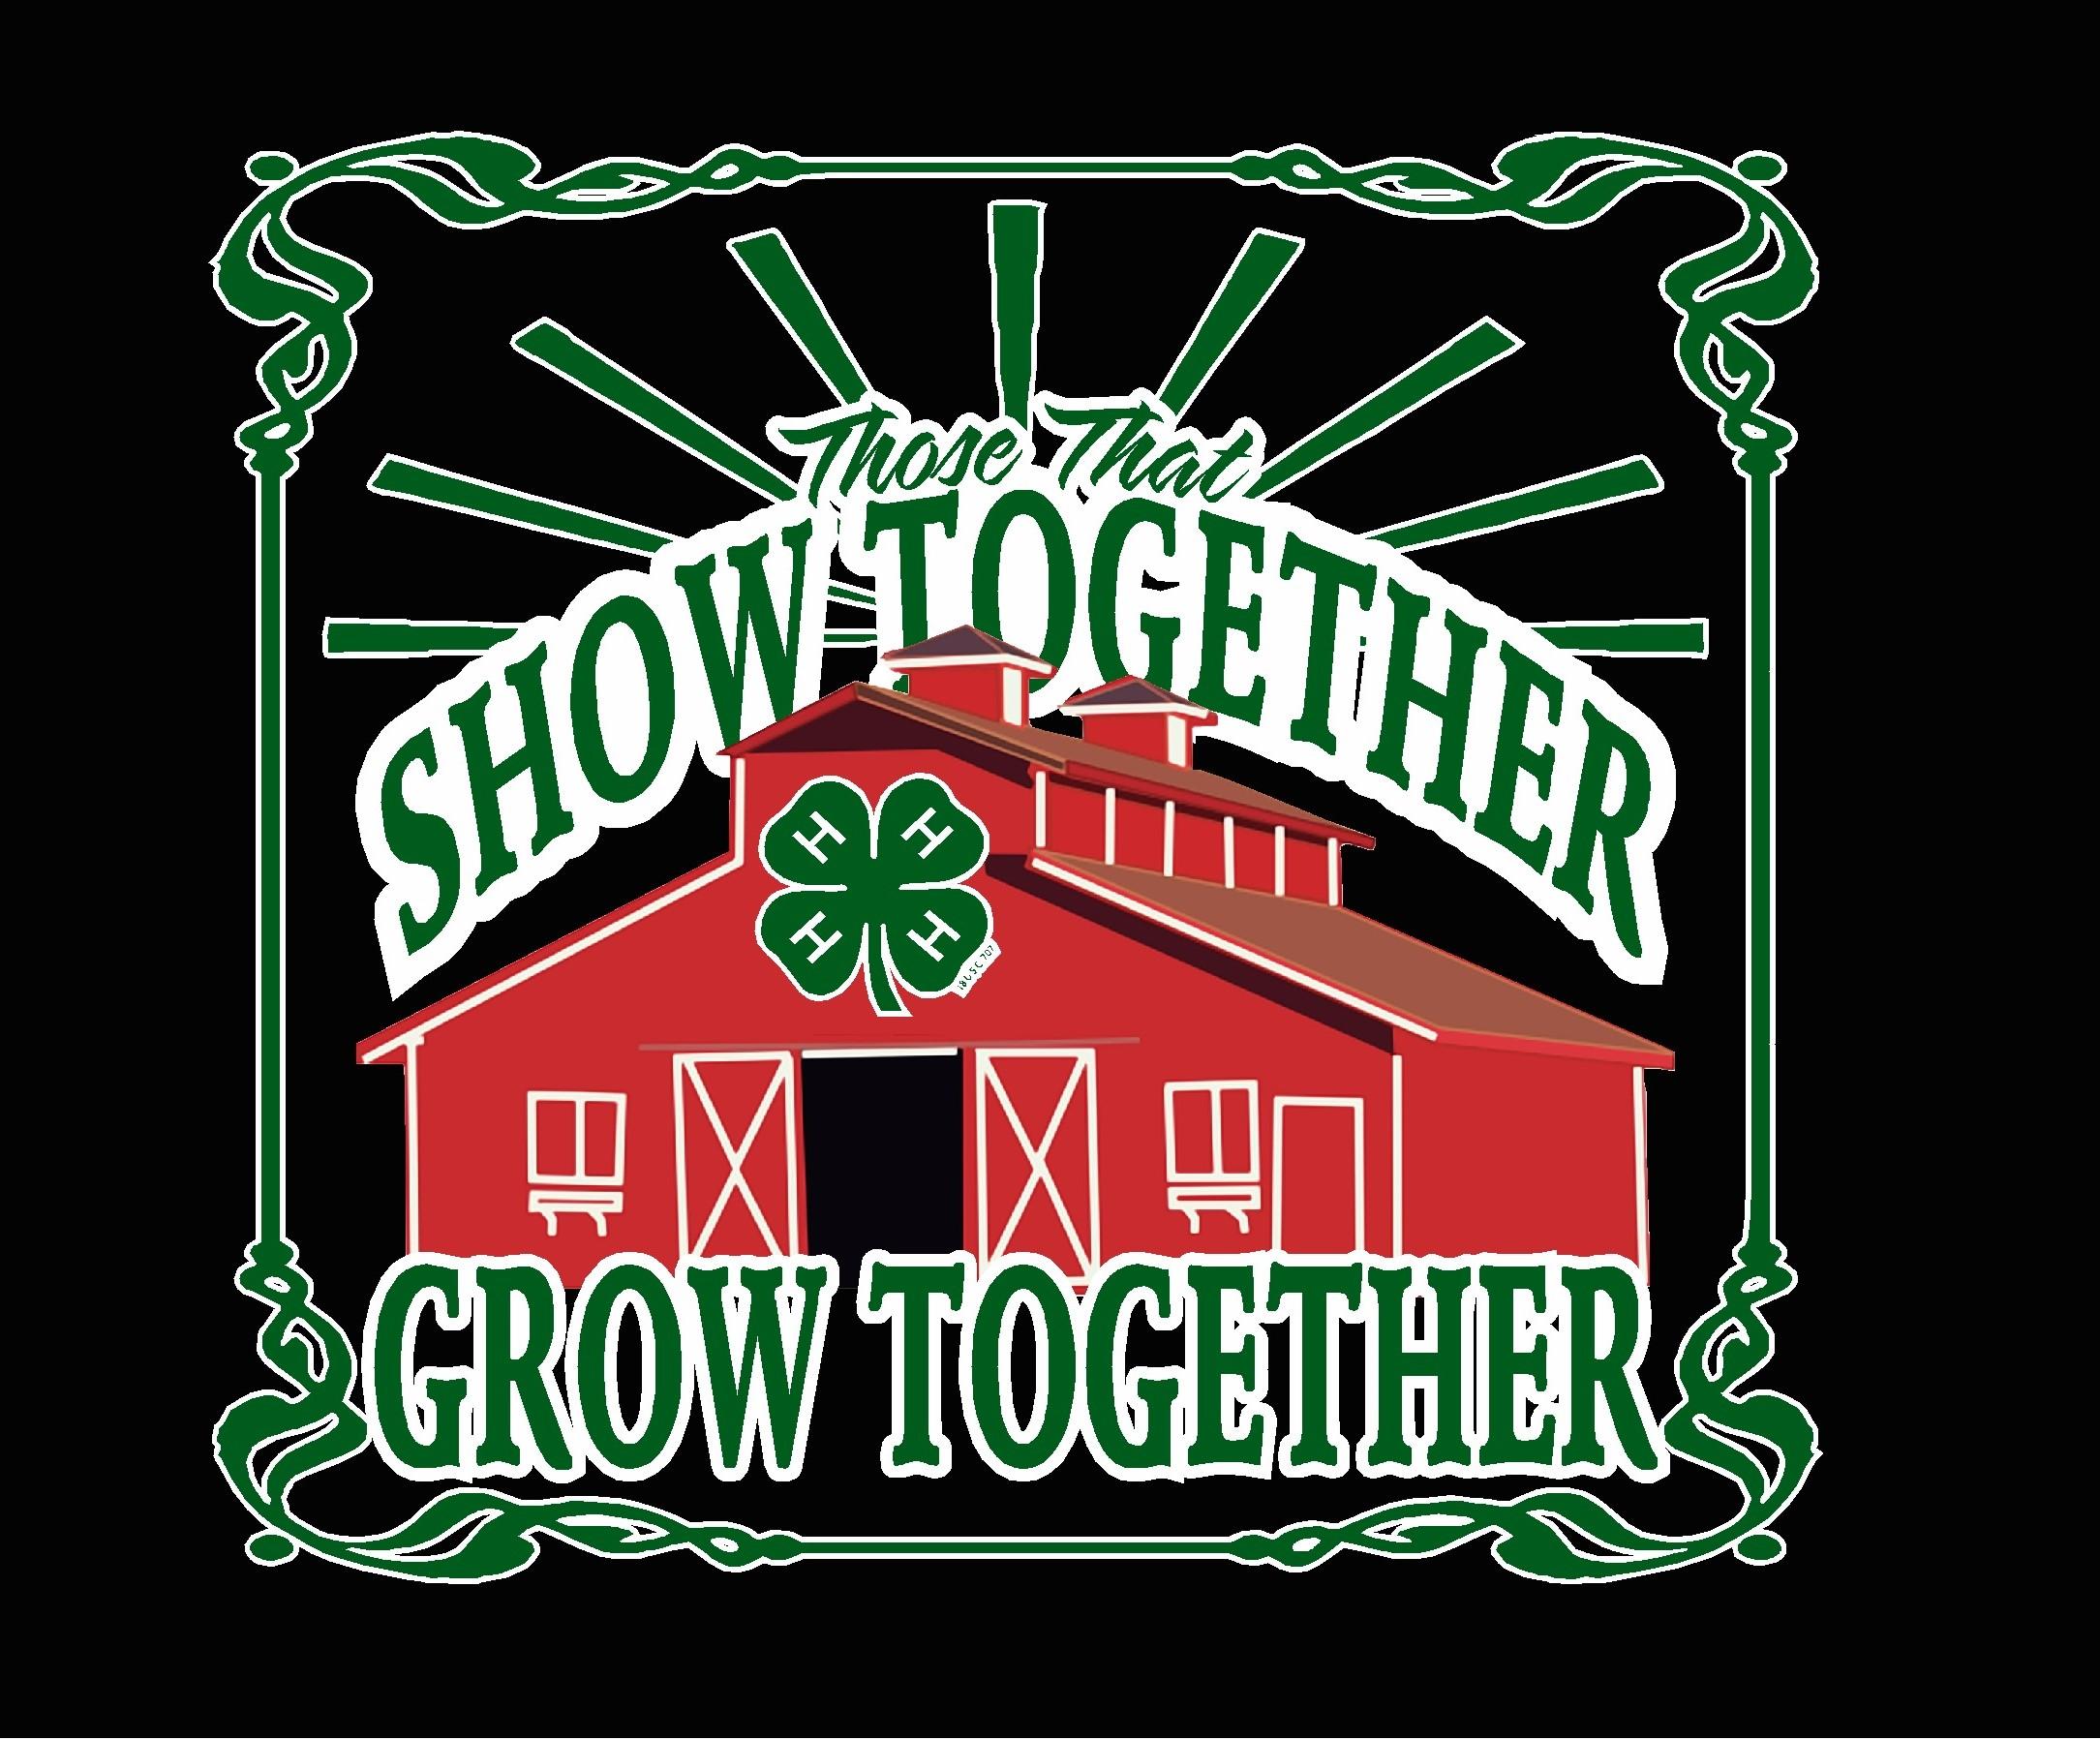 Show_Together-black